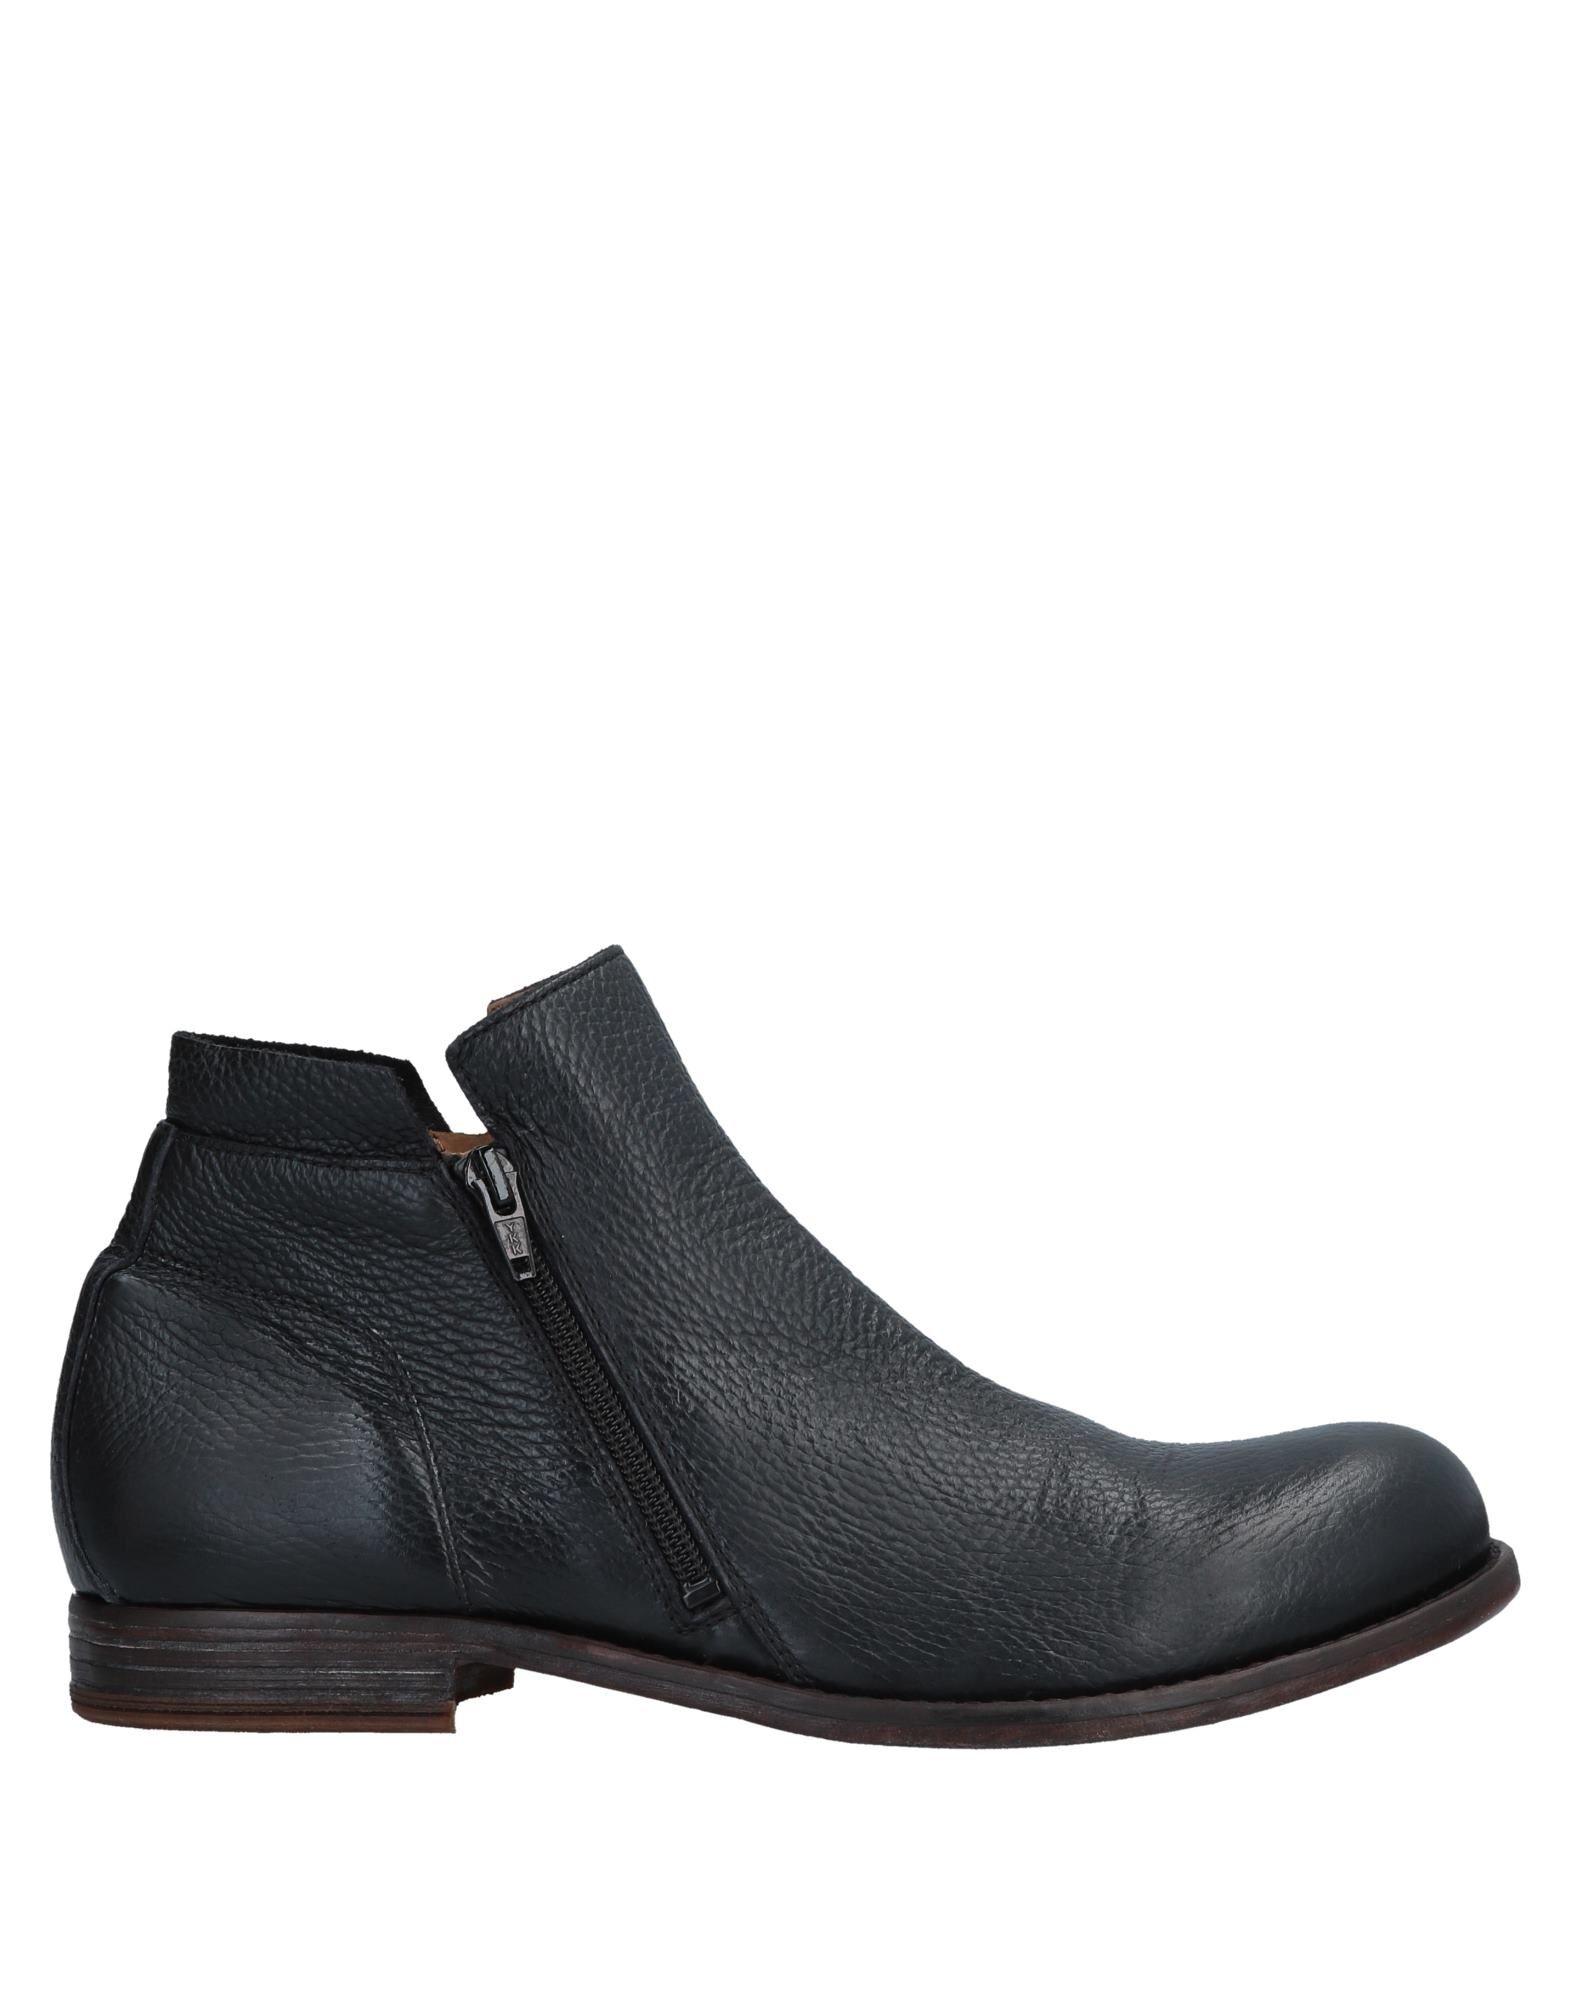 《送料無料》MOMA メンズ ショートブーツ ブラック 39 牛革(カーフ)